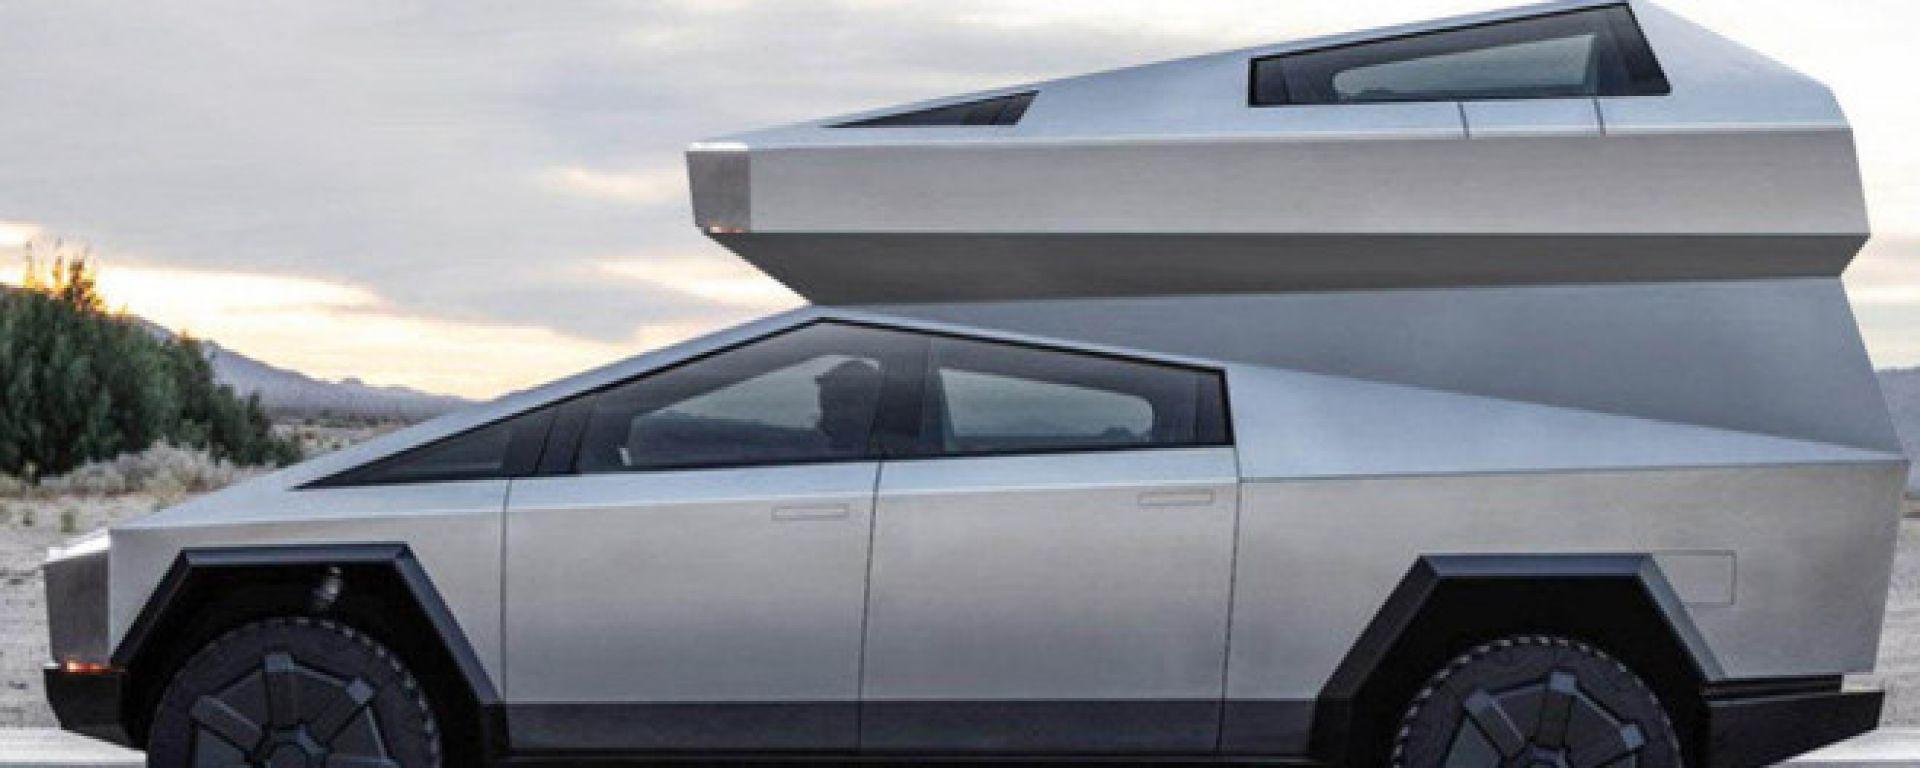 Tesla Cybercamper: il concept elettrico per il campeggio itinerante